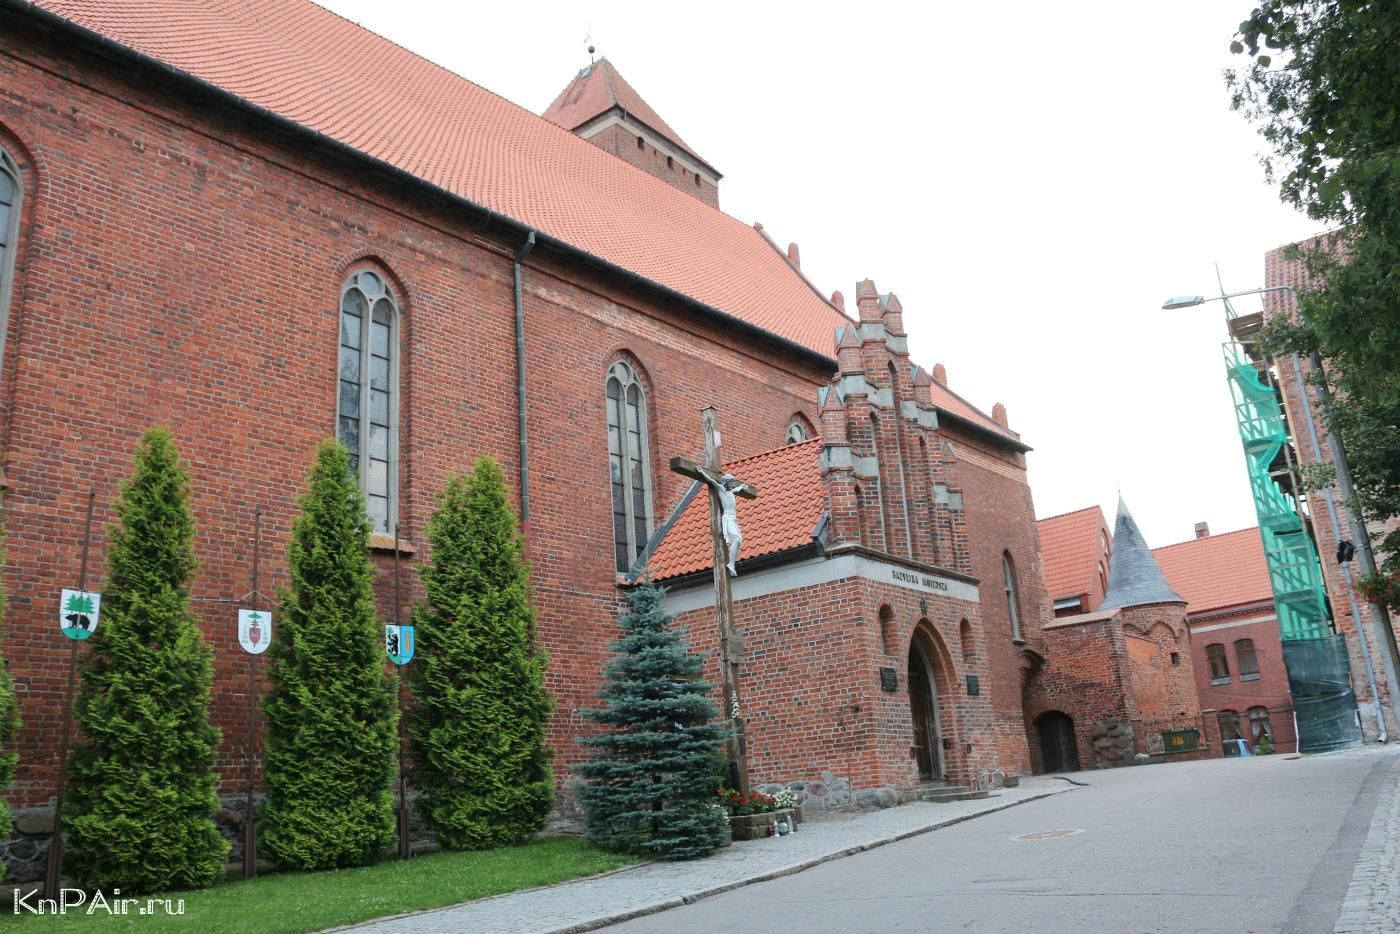 Kostel-Svjatogo-Ezhego-v-Polshe